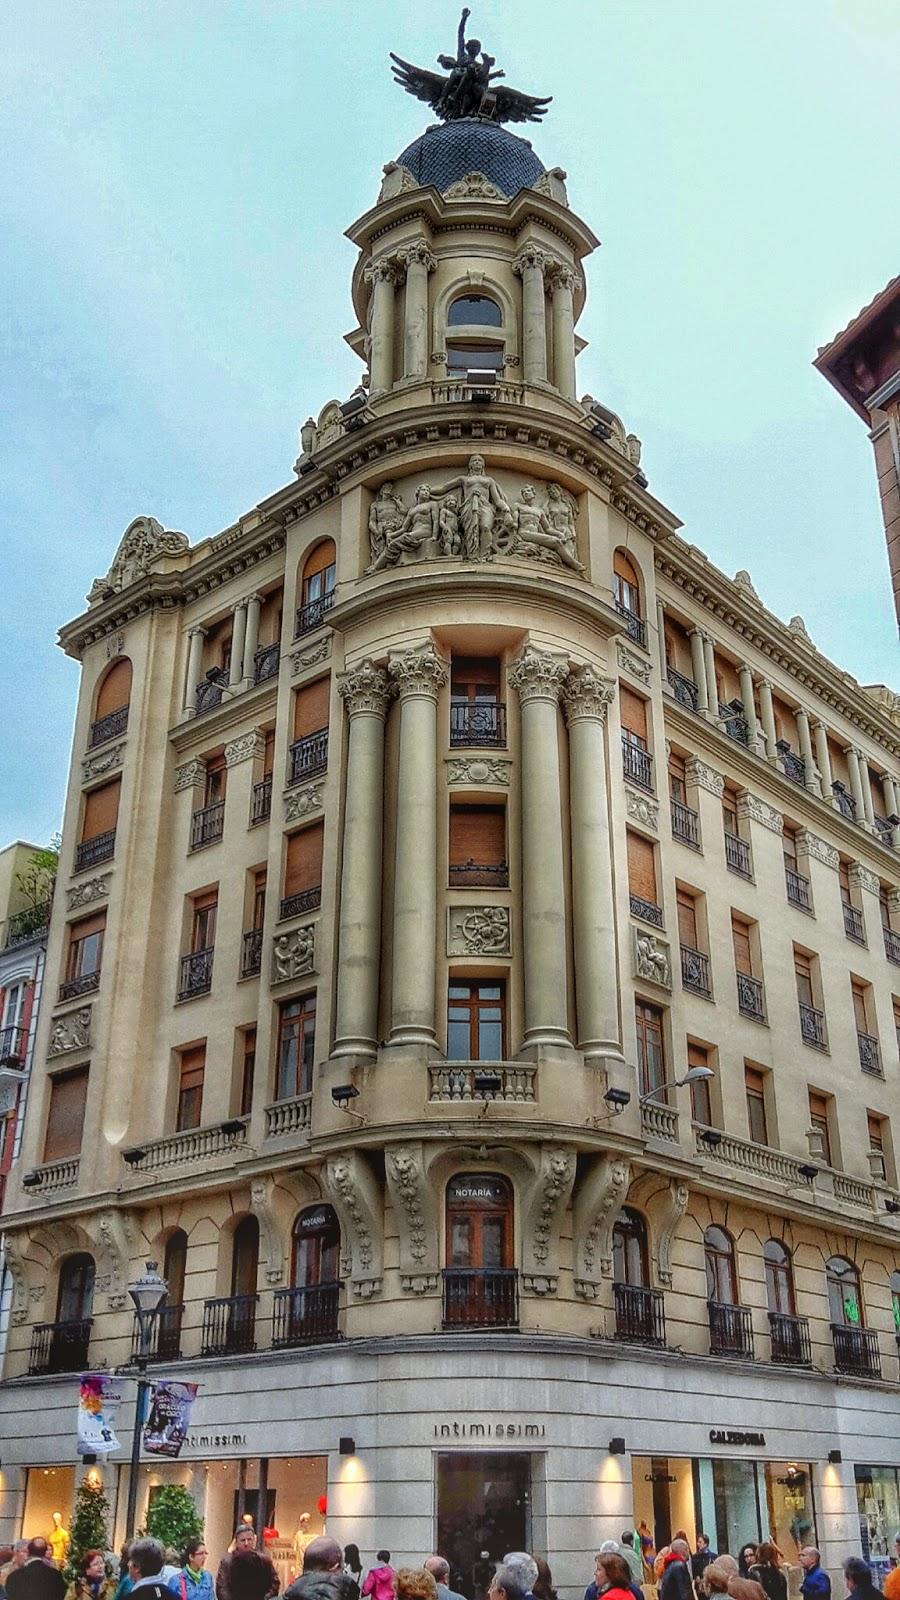 El edificio de la uni n y el f nix for Oficinas western union barcelona